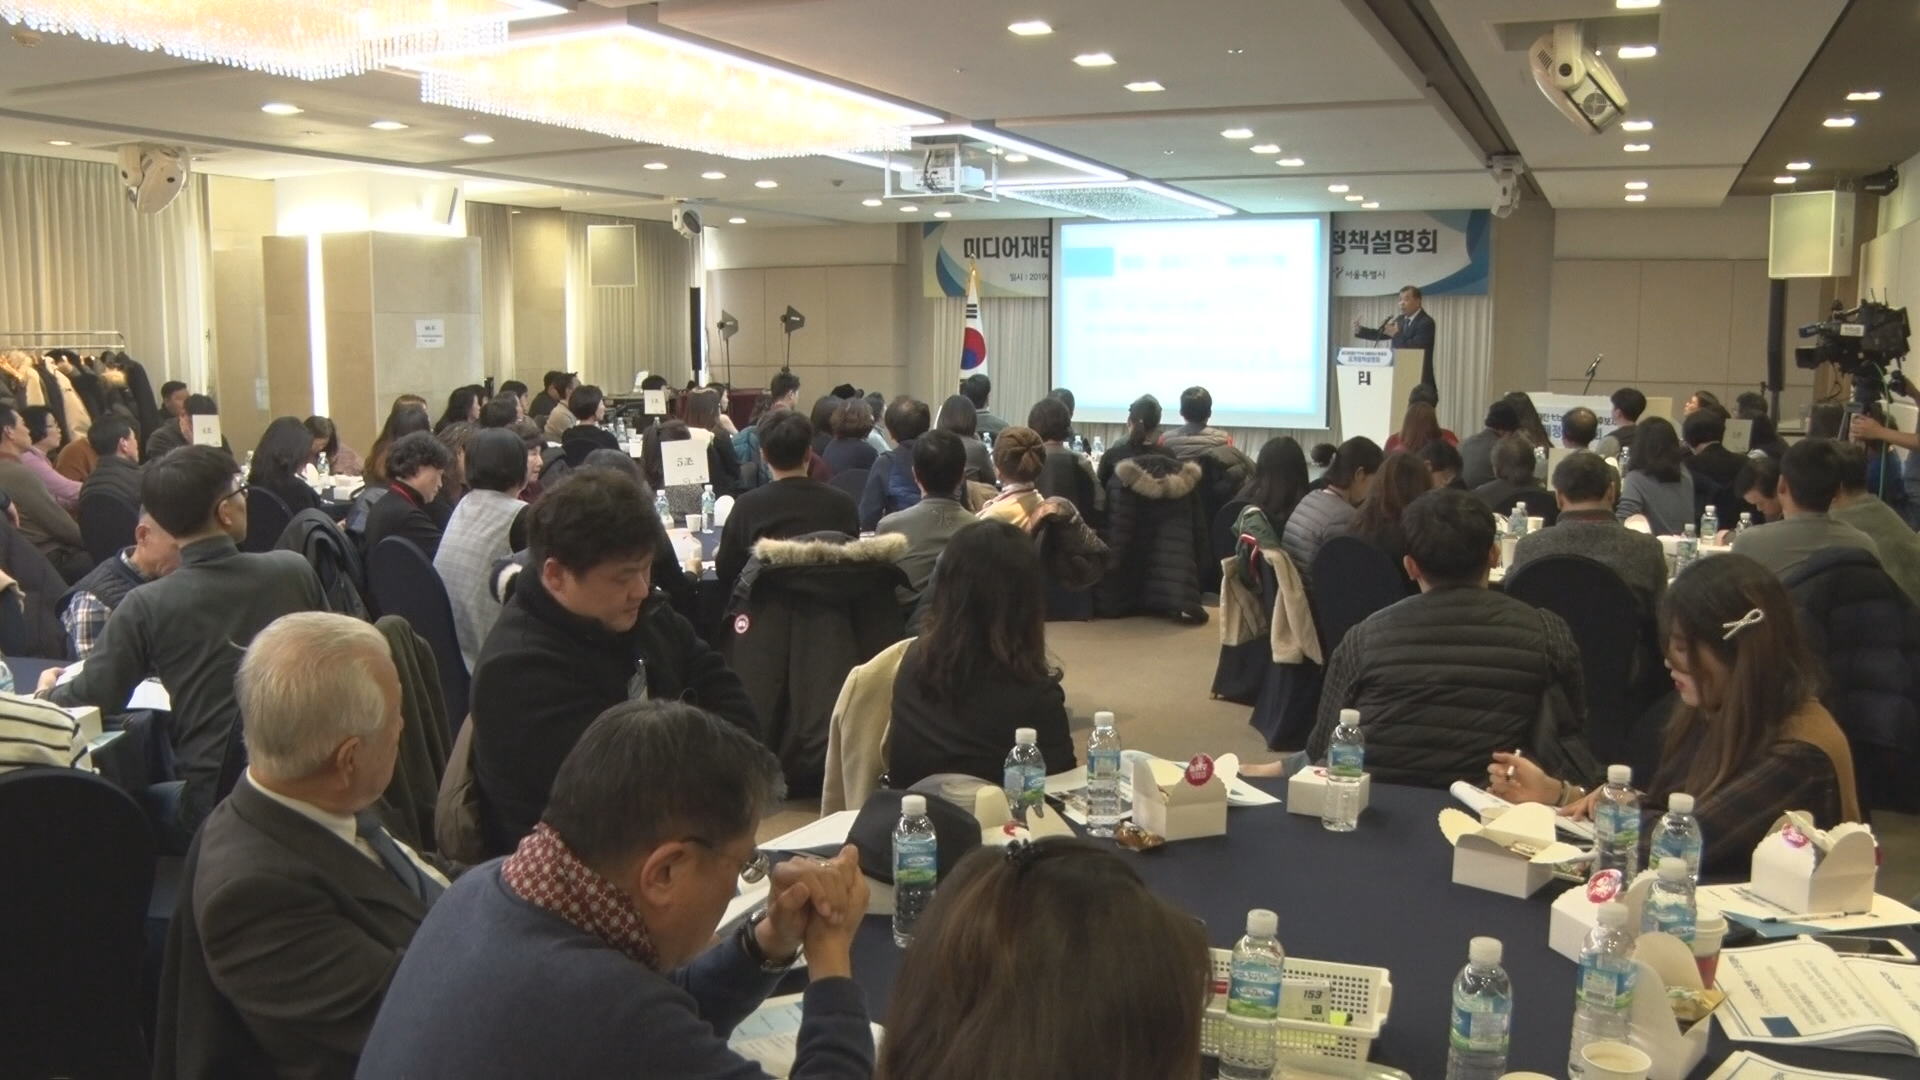 시민과 함께하는 서울시 미디어재단 tbs 대표이사 후보자 정책설명회 열려